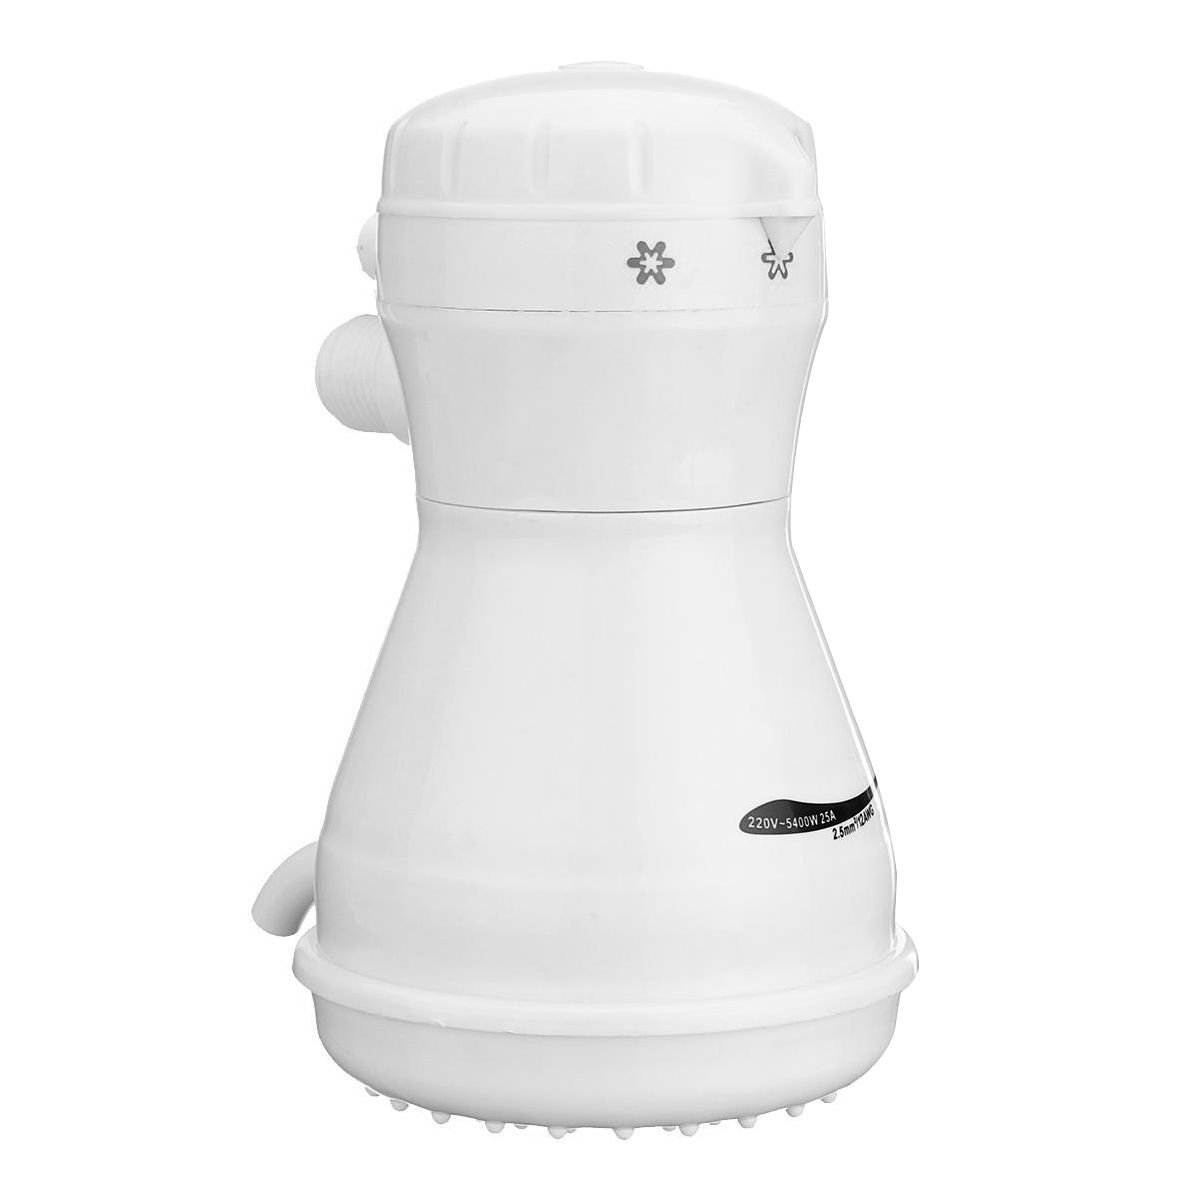 Chuveiro Eletrico 5400w Ducha Casa banheiro residencia Multitemperaturas